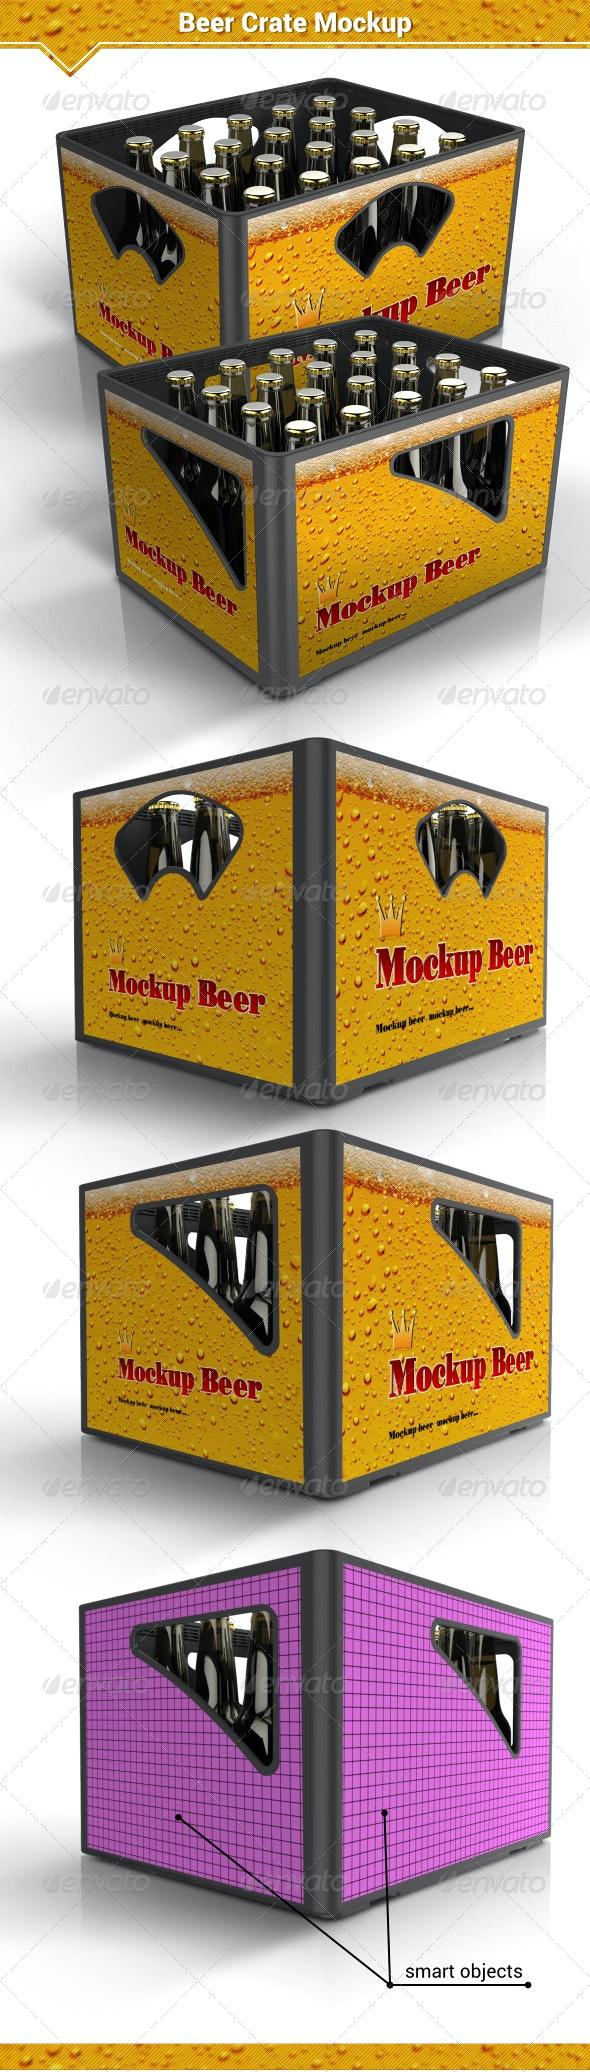 Beer Crate Mockup - Food and Drink Packaging